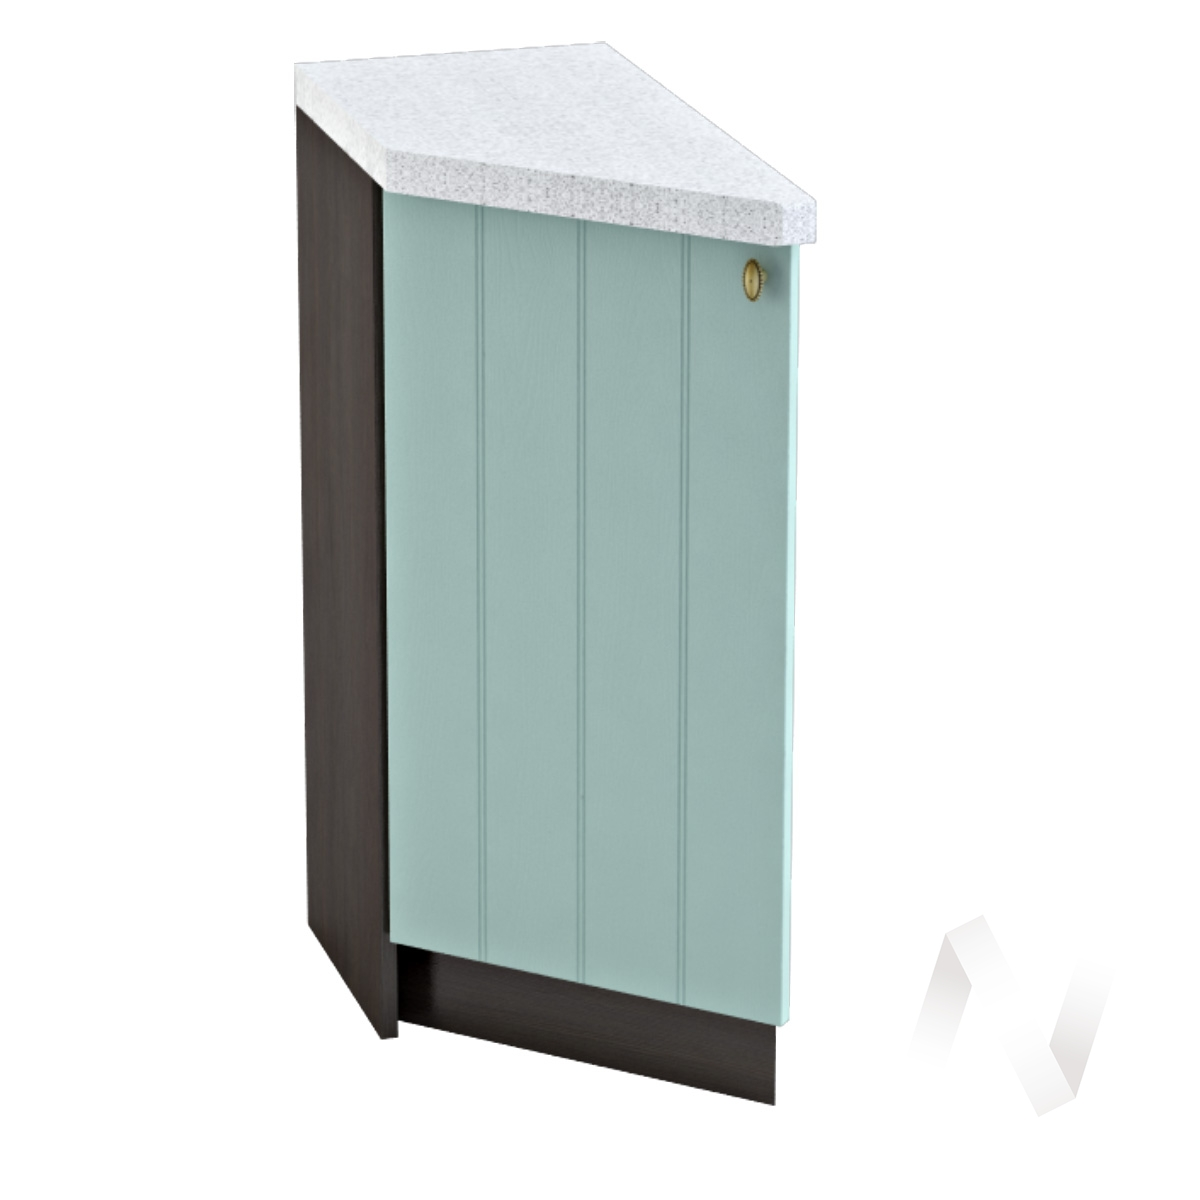 """Кухня """"Прованс"""": Шкаф нижний торцевой 300, ШНТ 300 (голубой/корпус венге)"""